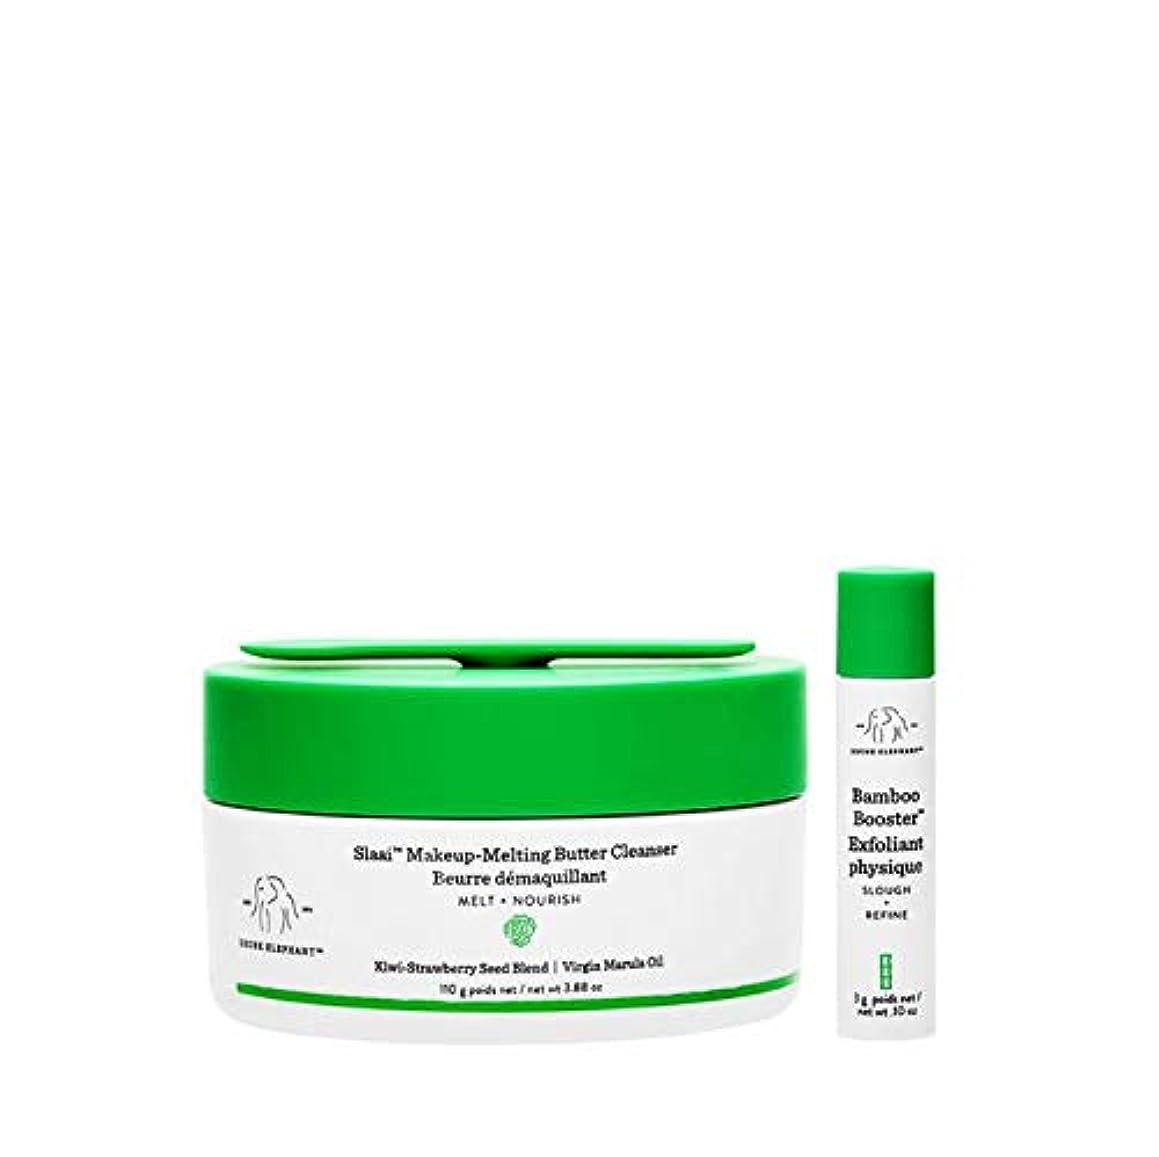 トラップ生産性広大なDRUNK ELEPHANT Slaai Makeup-Melting Butter Cleanser ドランクエレファント スラエー メーカップ メルティング バター クレンザー 110g